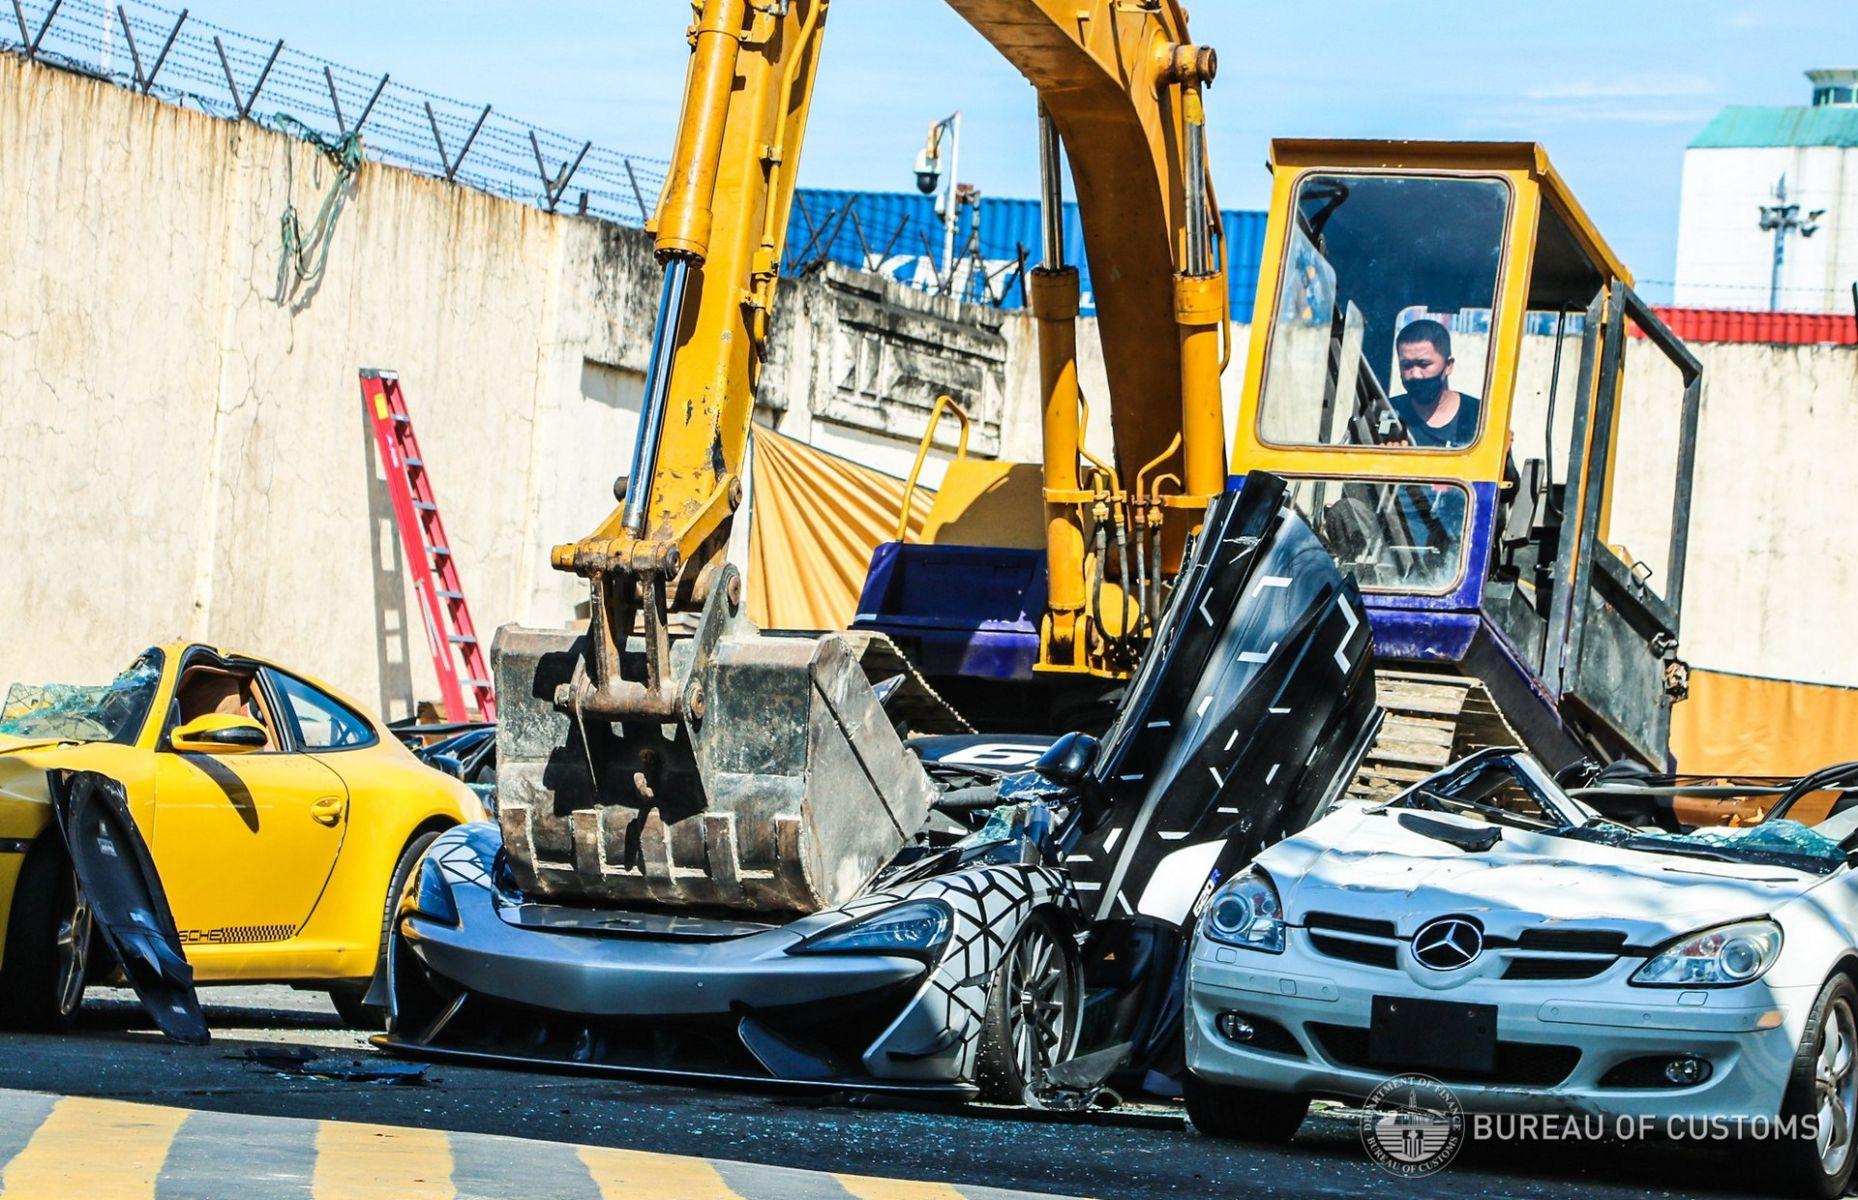 carros importados ilegalmente filipinas2